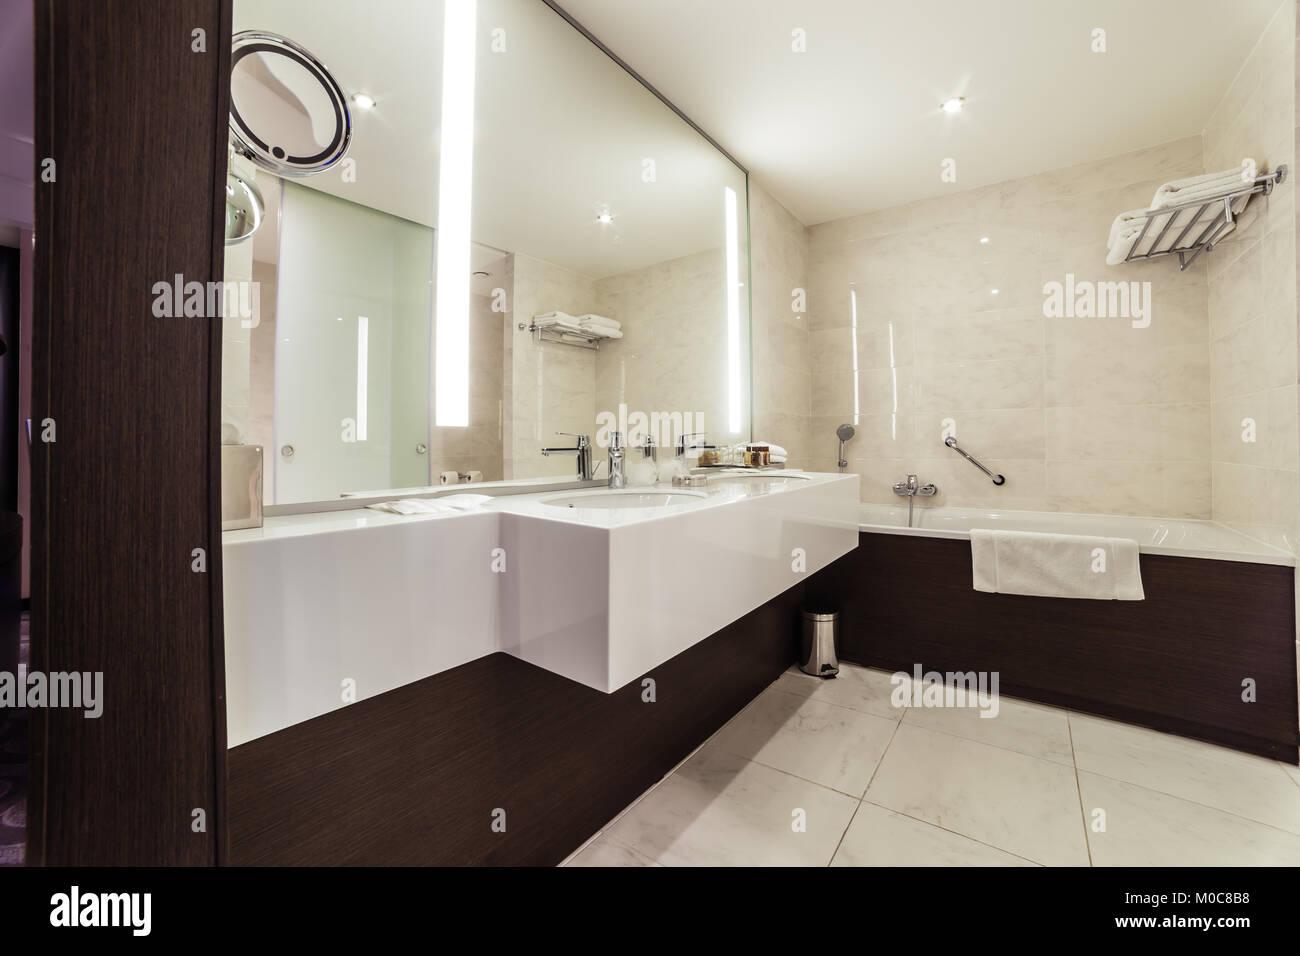 Designer Badezimmer mit Dusche Fliesen Stockfoto, Bild: 172373692 ...